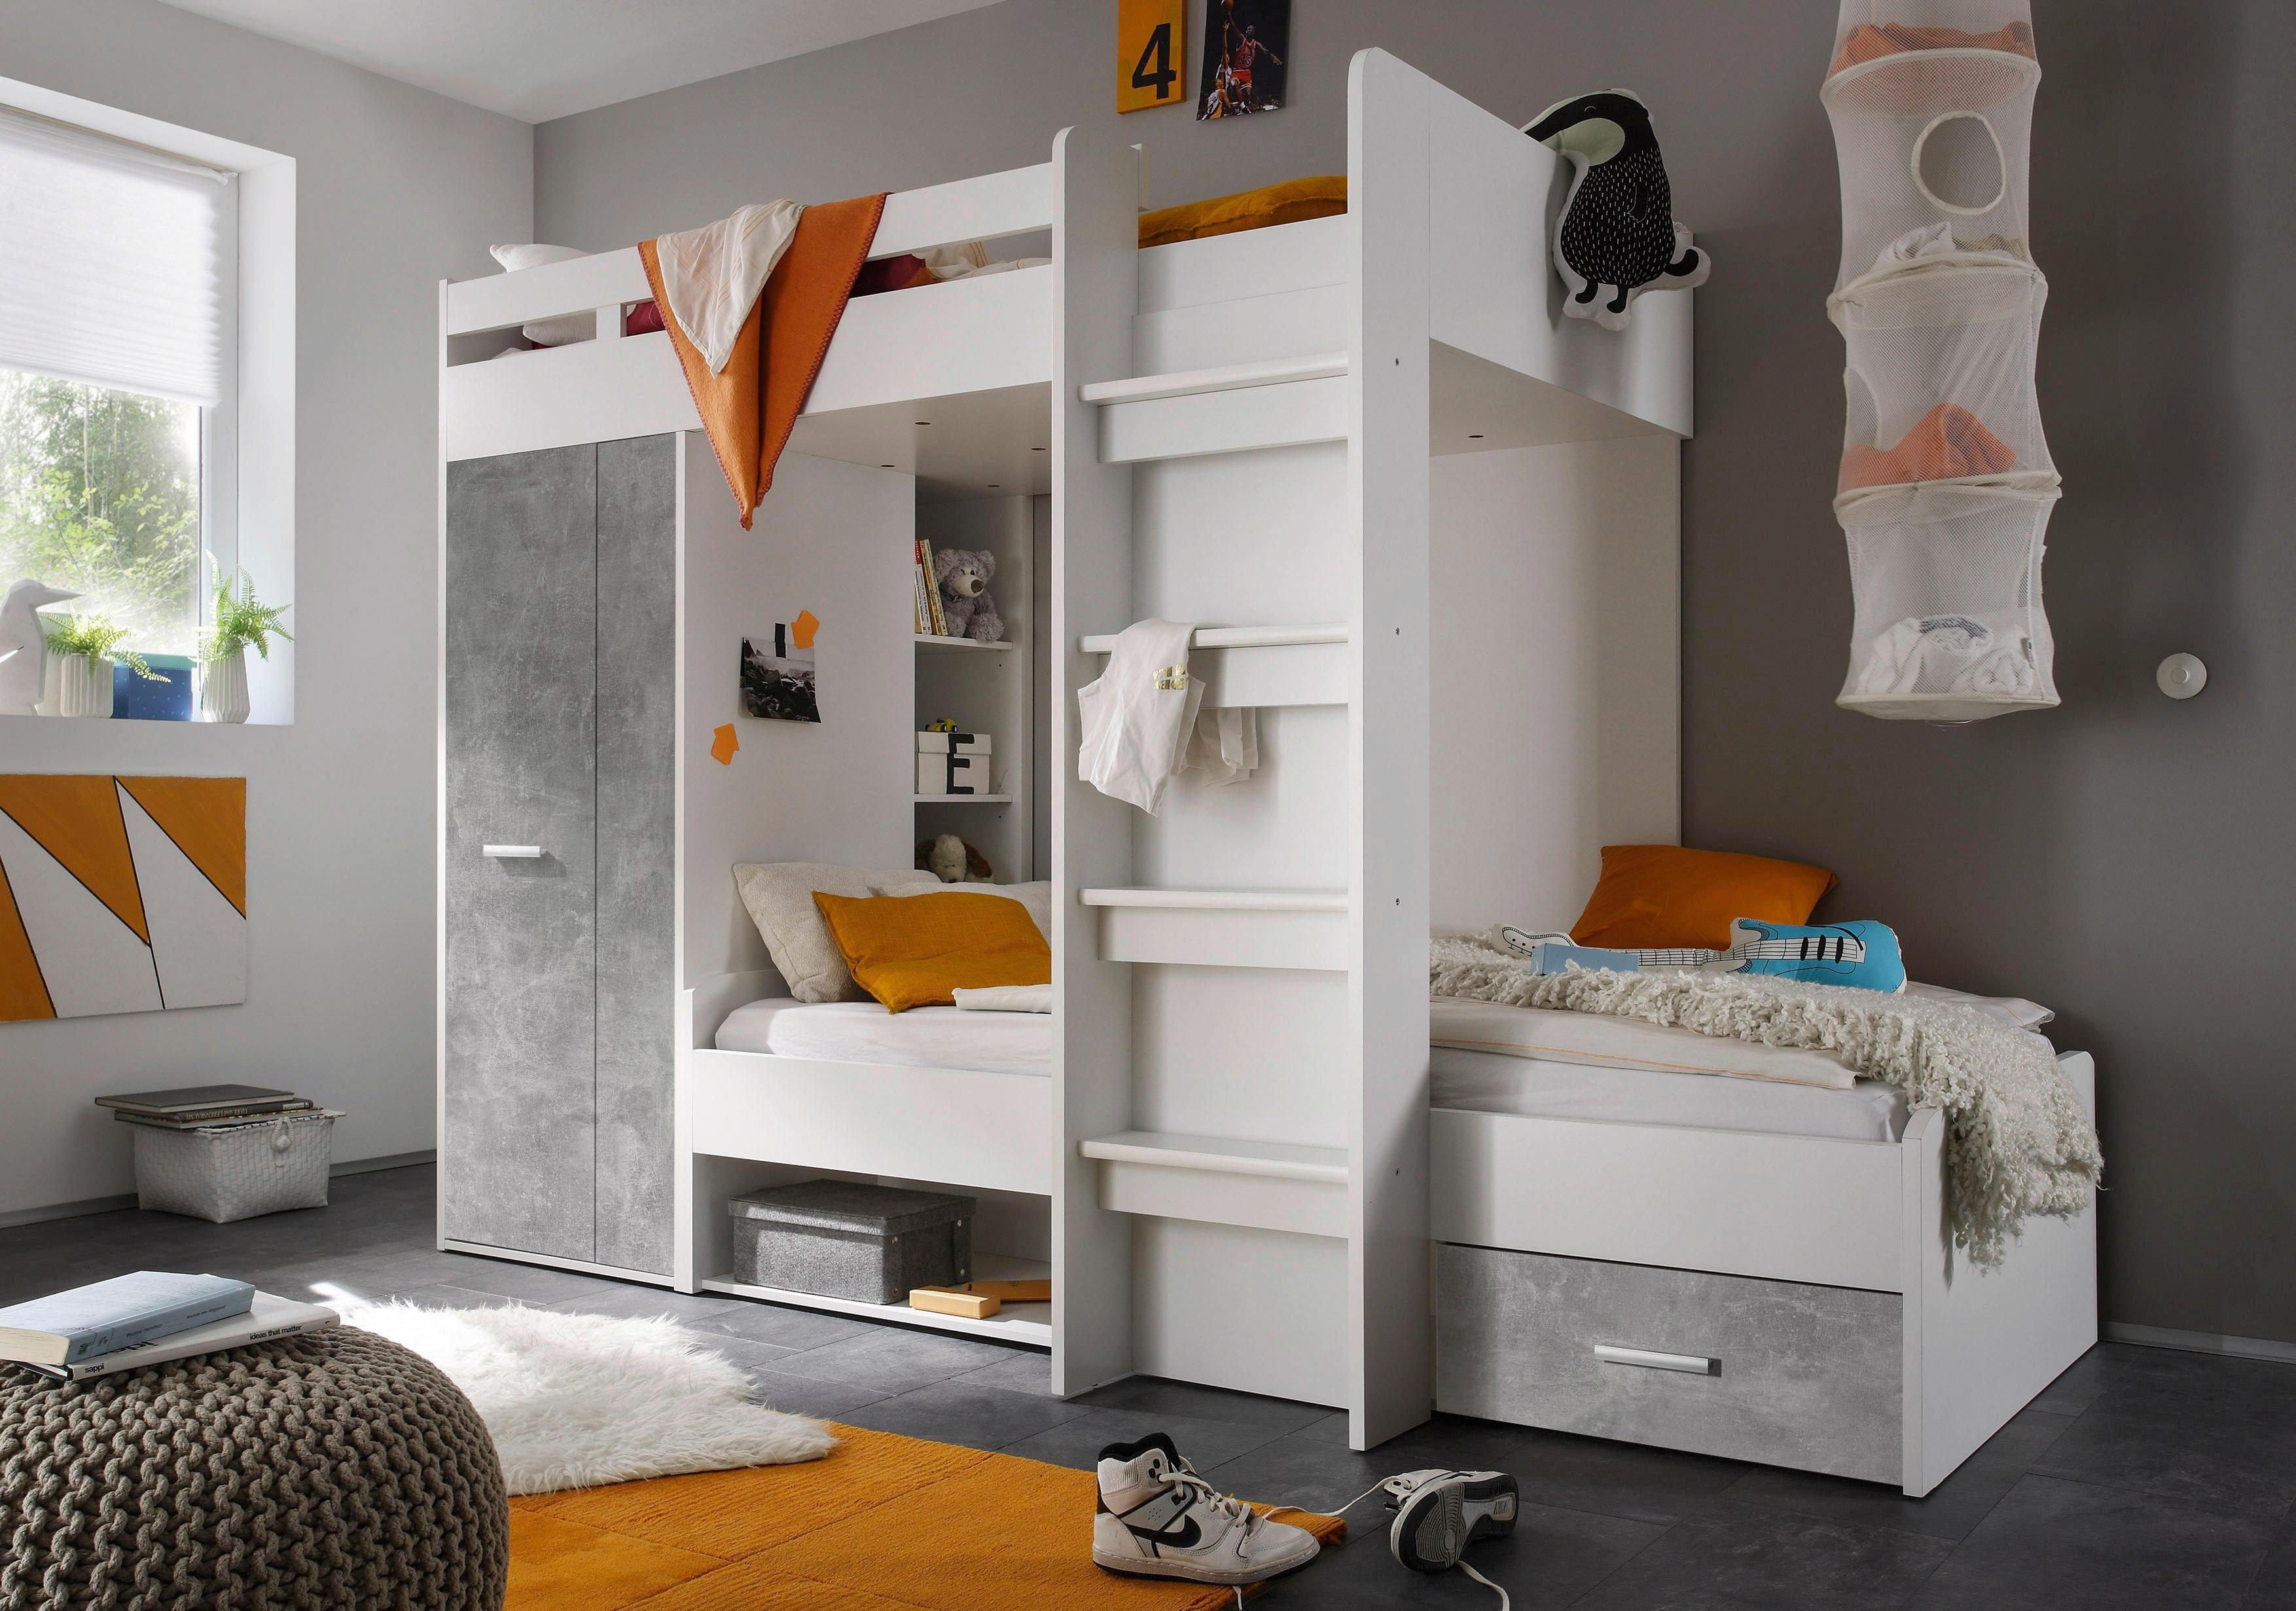 Etagenbett Für Erwachsene Schweiz : Etagenbetten günstig im schweizer möbel discount